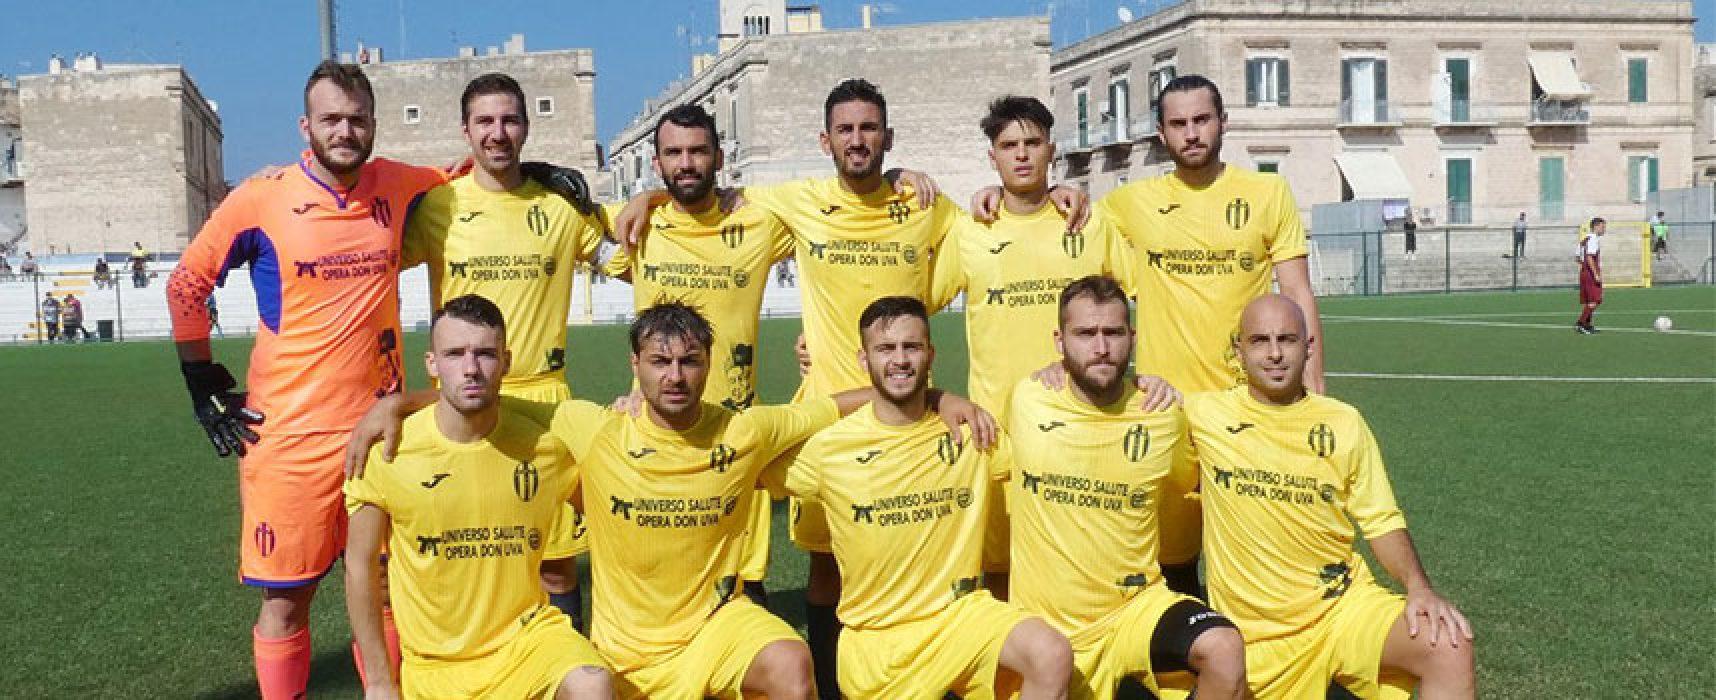 Don Uva al debutto casalingo in Coppa contro la Vigor Liberty San Paolo Bari